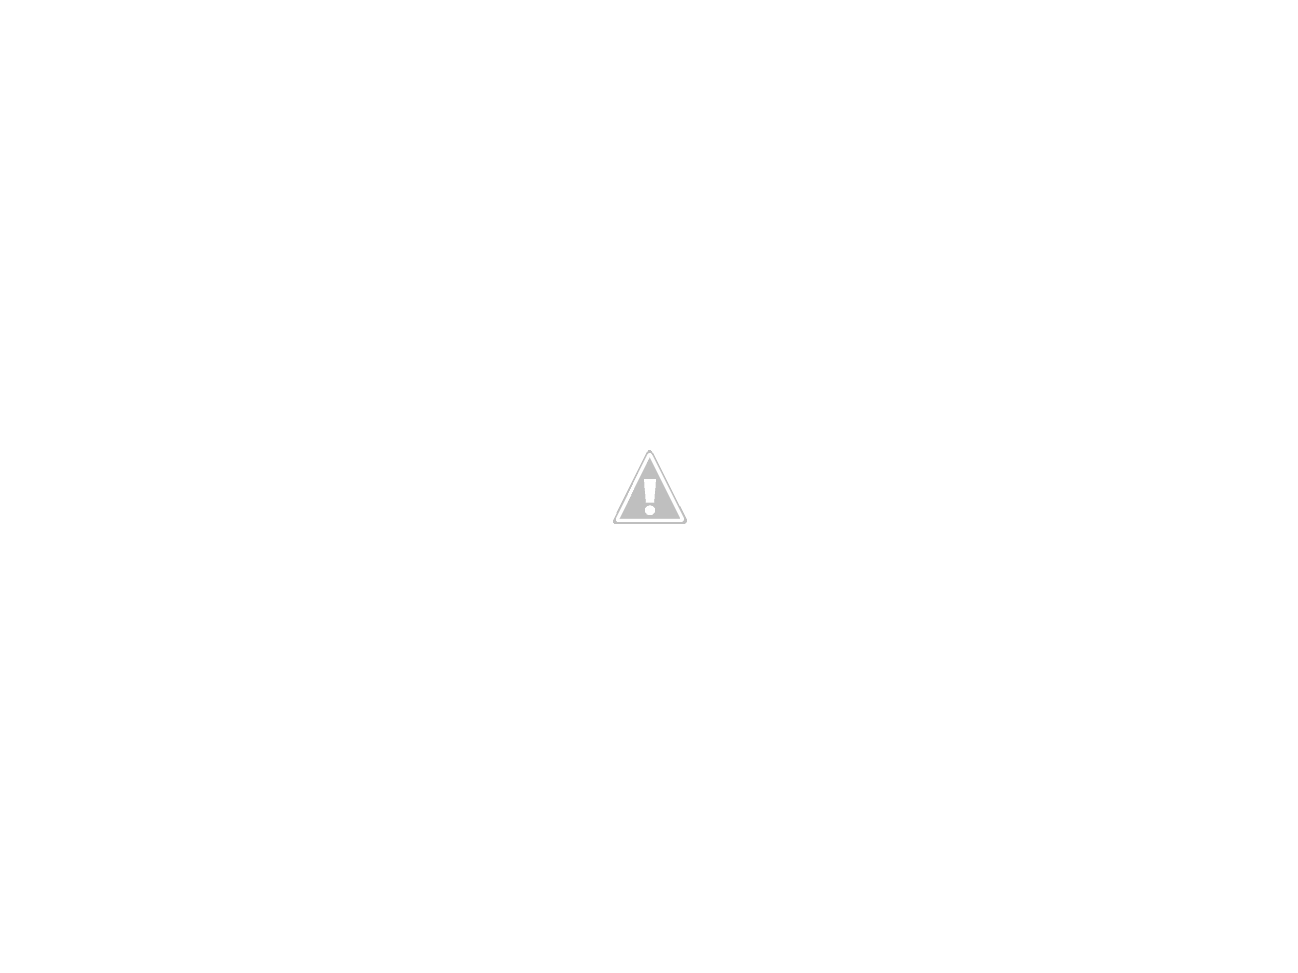 Nádasd - Szent Kereszt felmagasztalása rk. templom és Árpád-kori rotunda